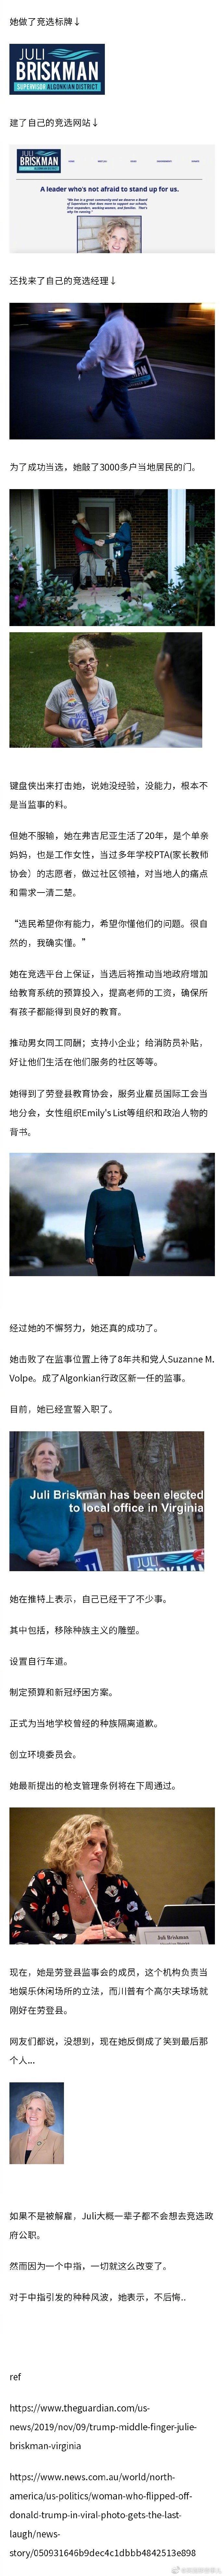 几年前因为对川普竖中指而被公司炒鱿鱼,她直接去竞选政府公职